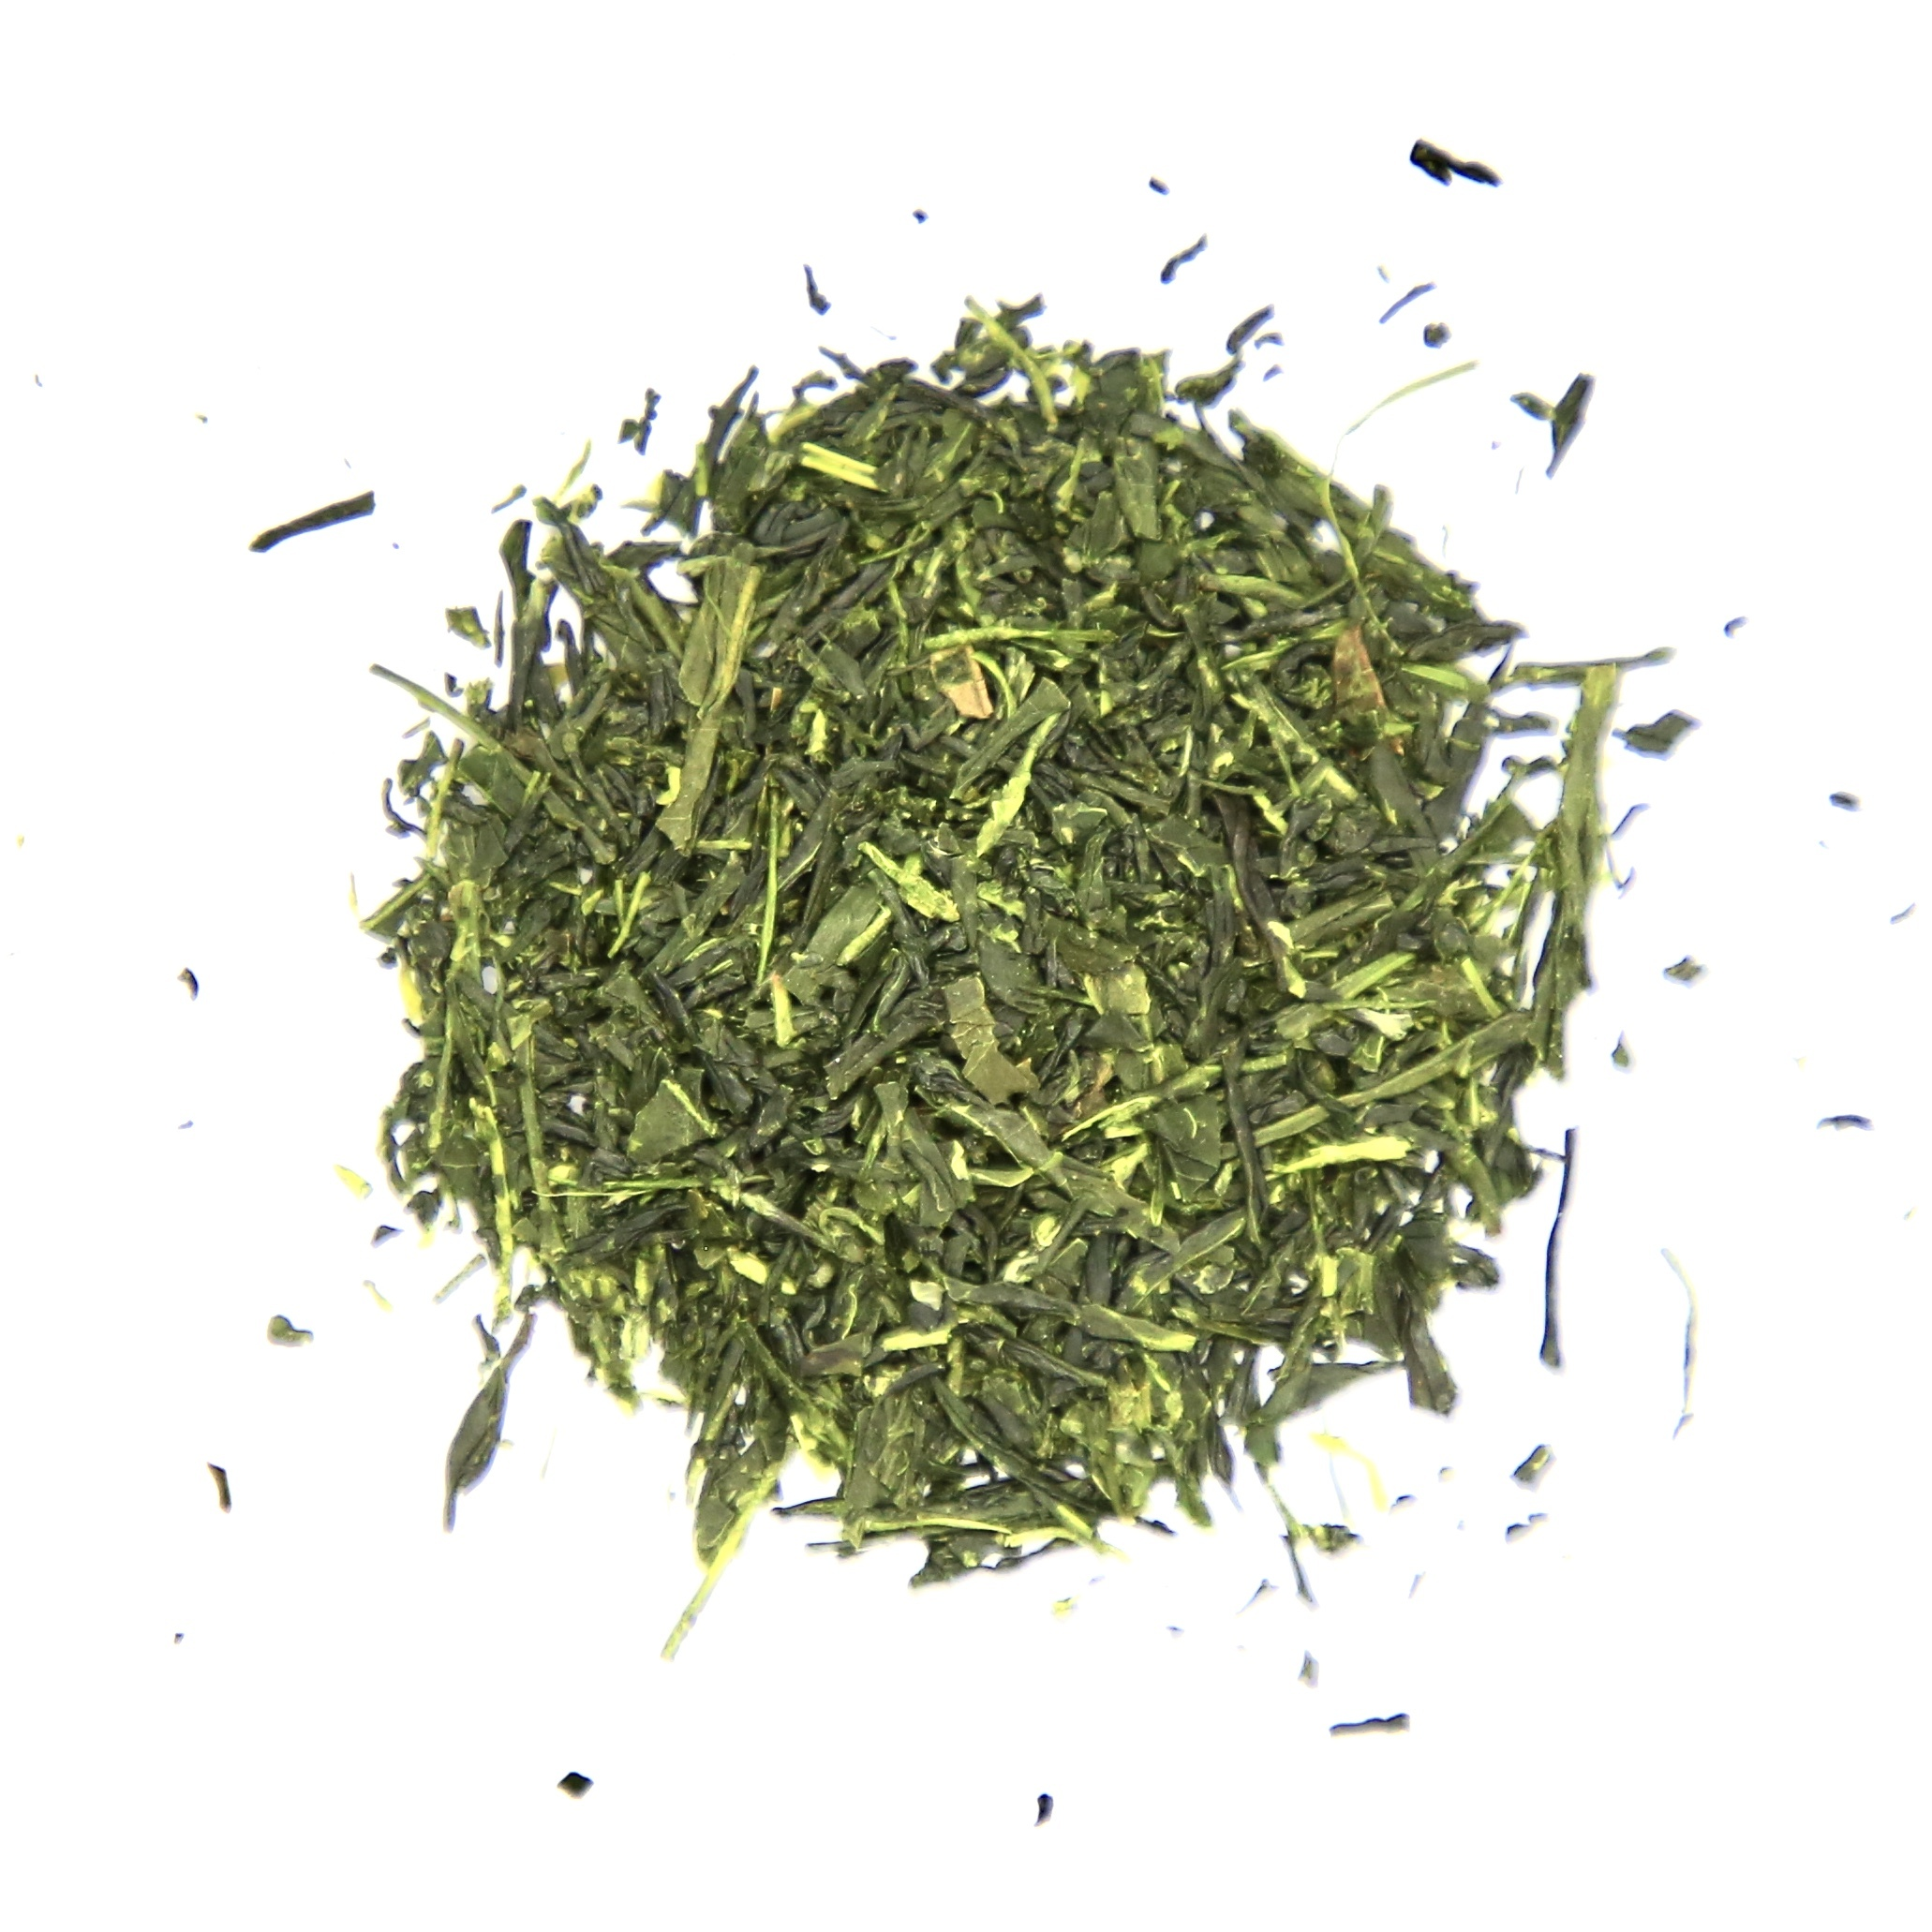 【茶葉100g】おくみどり煎茶